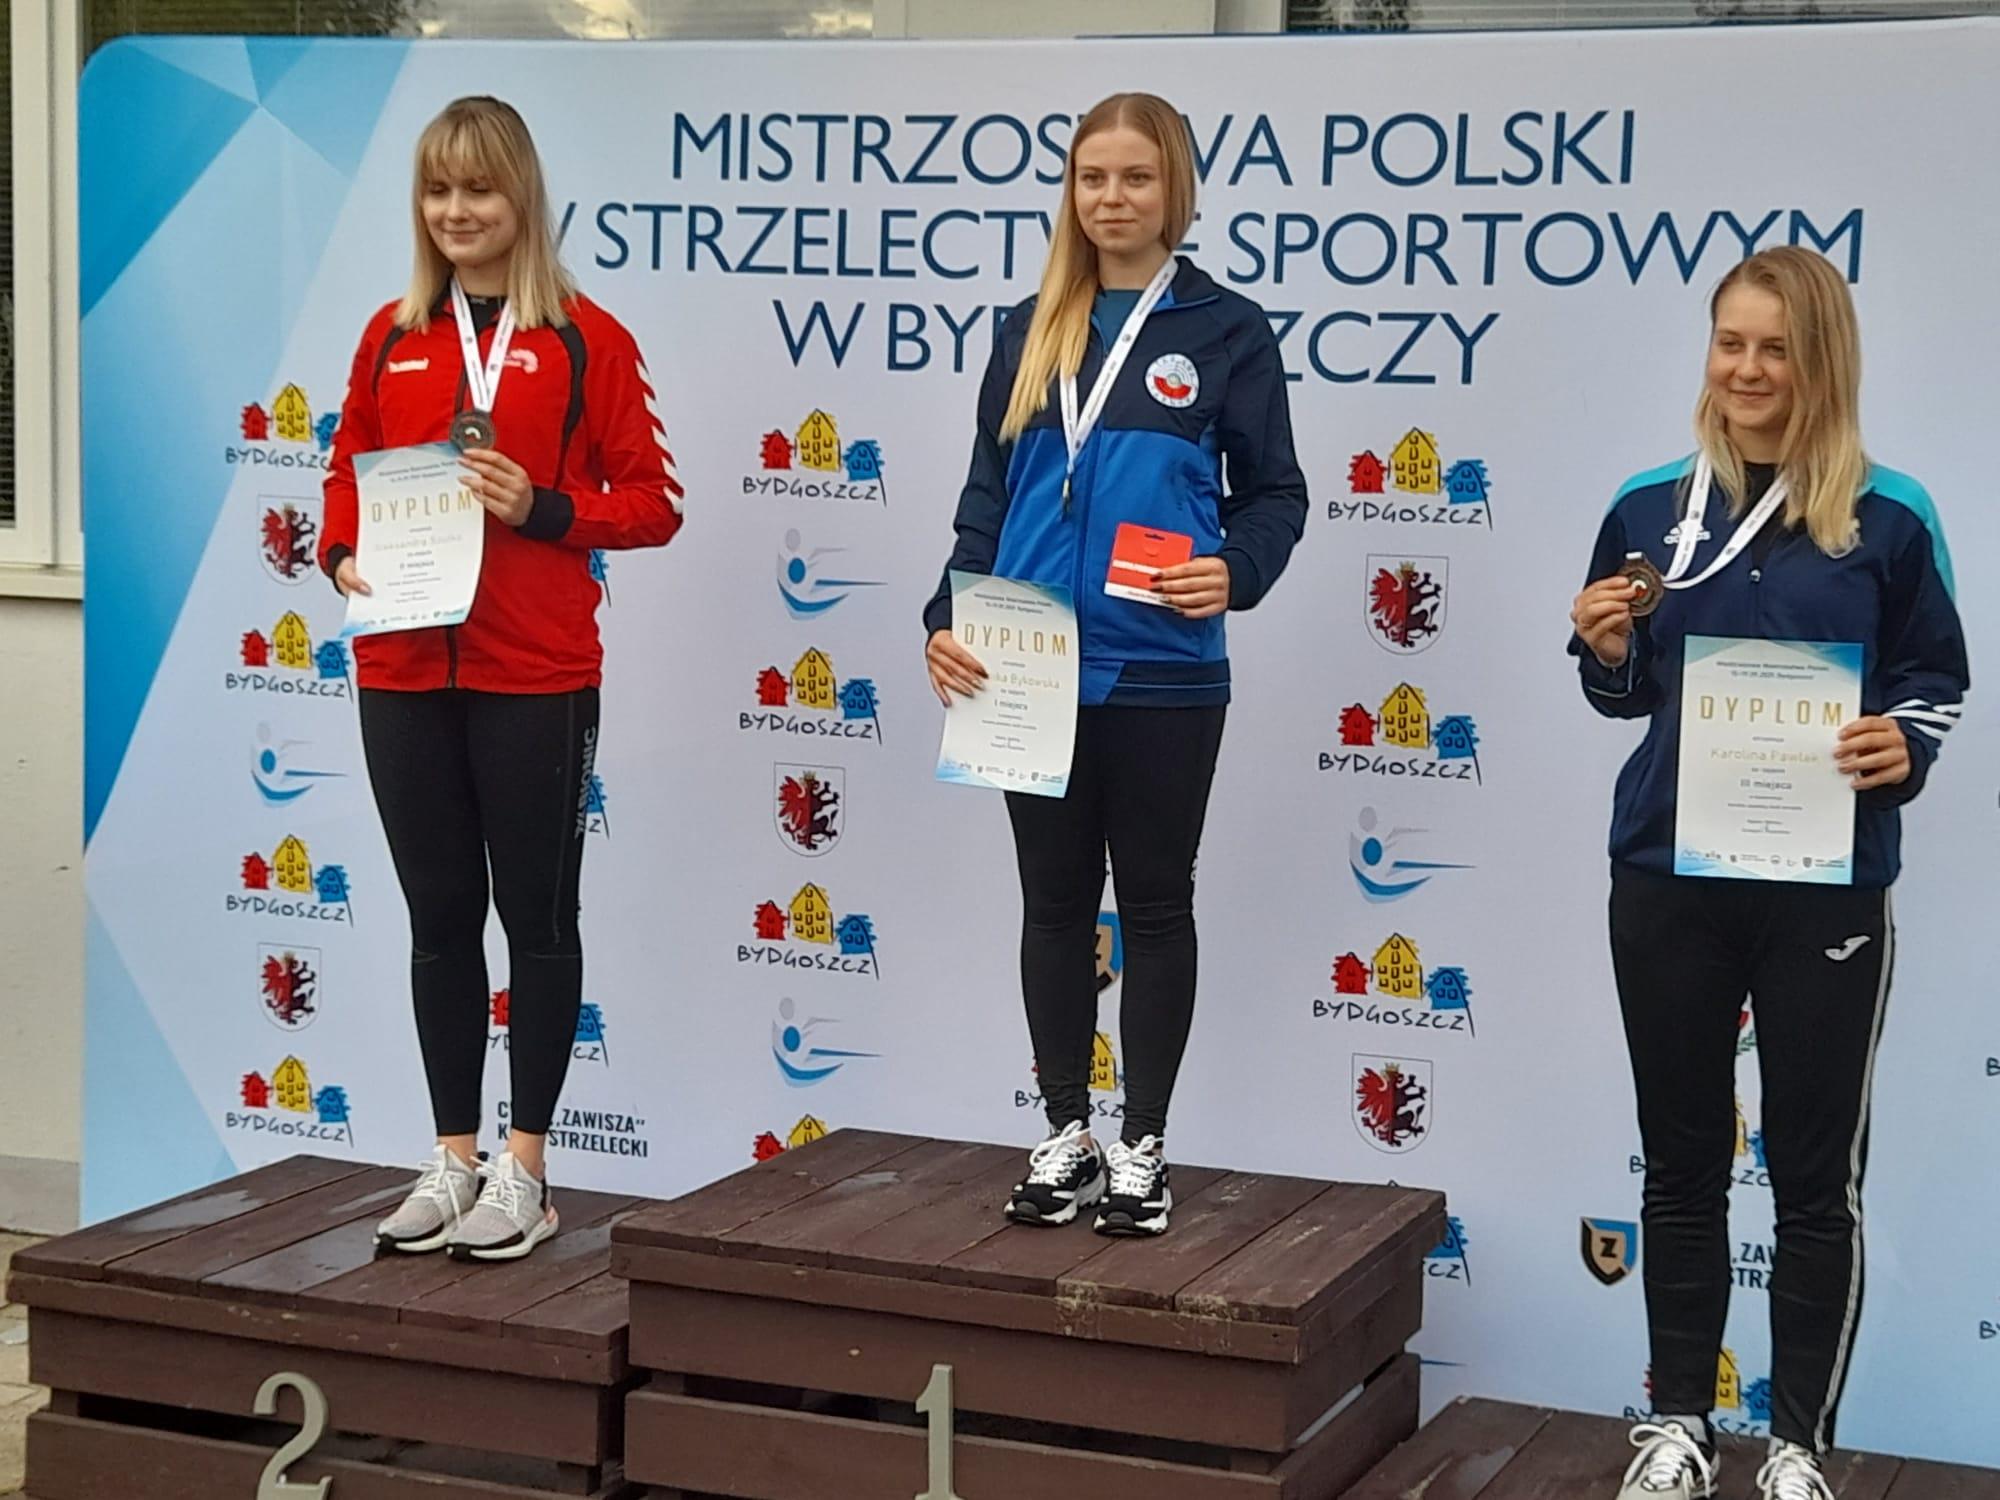 Młodzieżowe Mistrzostwach Polski 2021 - Weronika Bykowska - 1mce Kdw 3x40